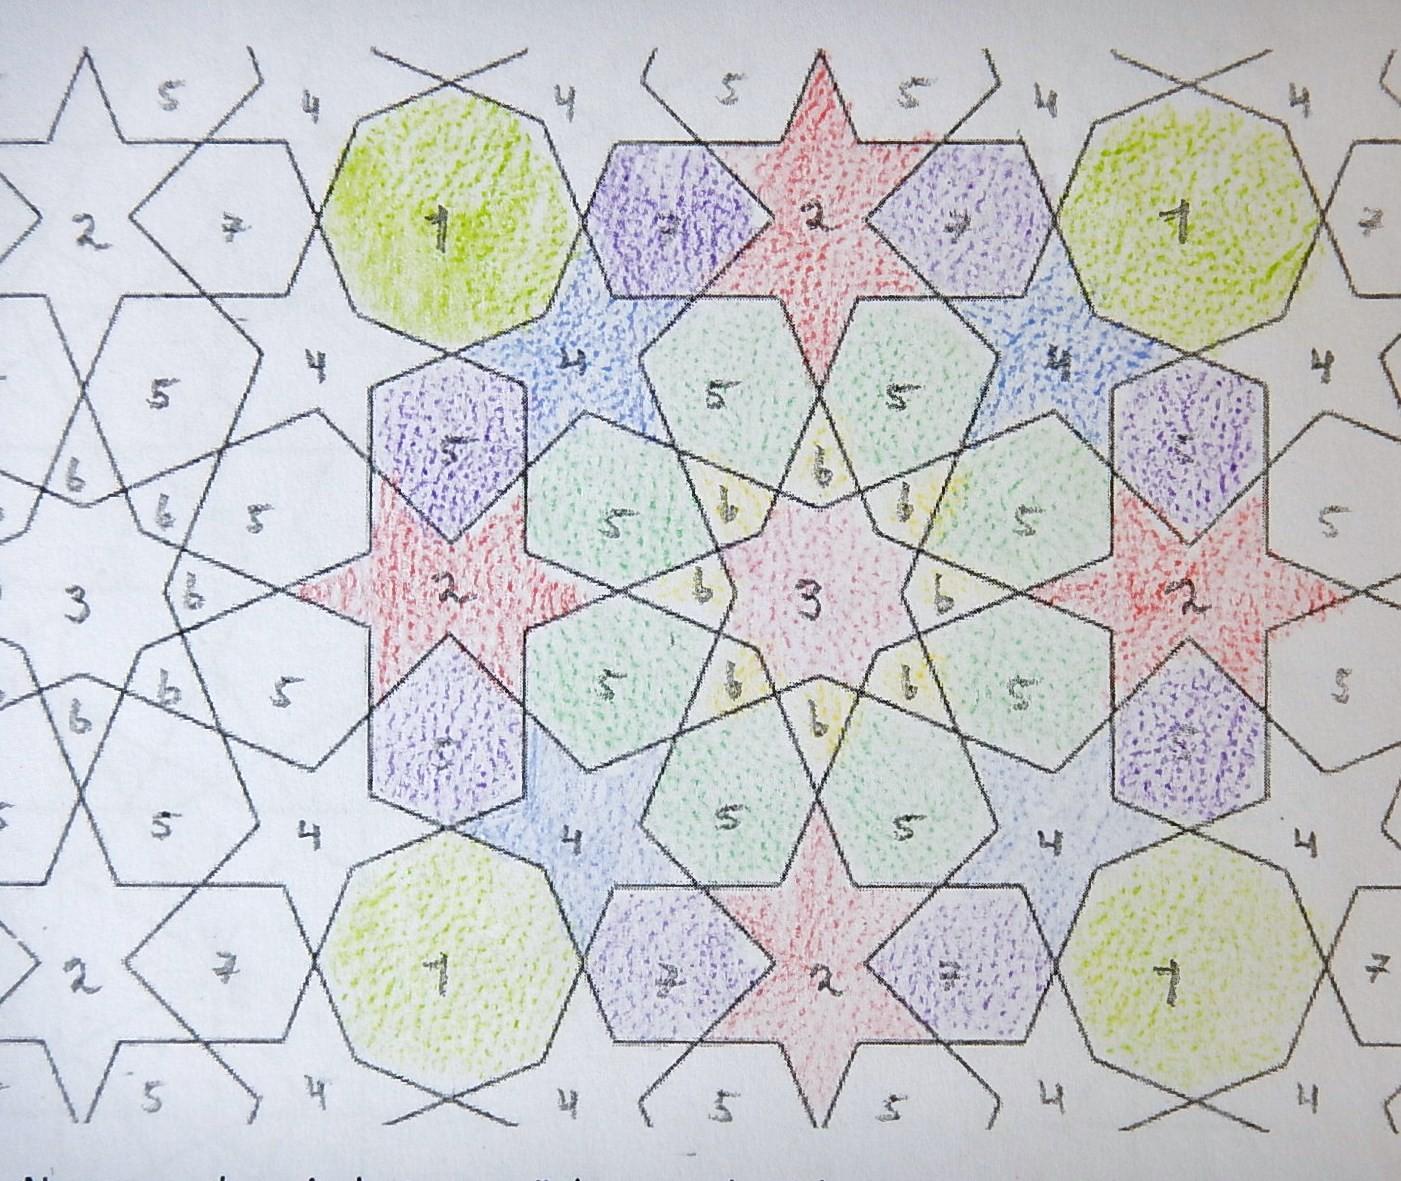 Onderdeel van de analyse is nummering van verschillende tegels ...